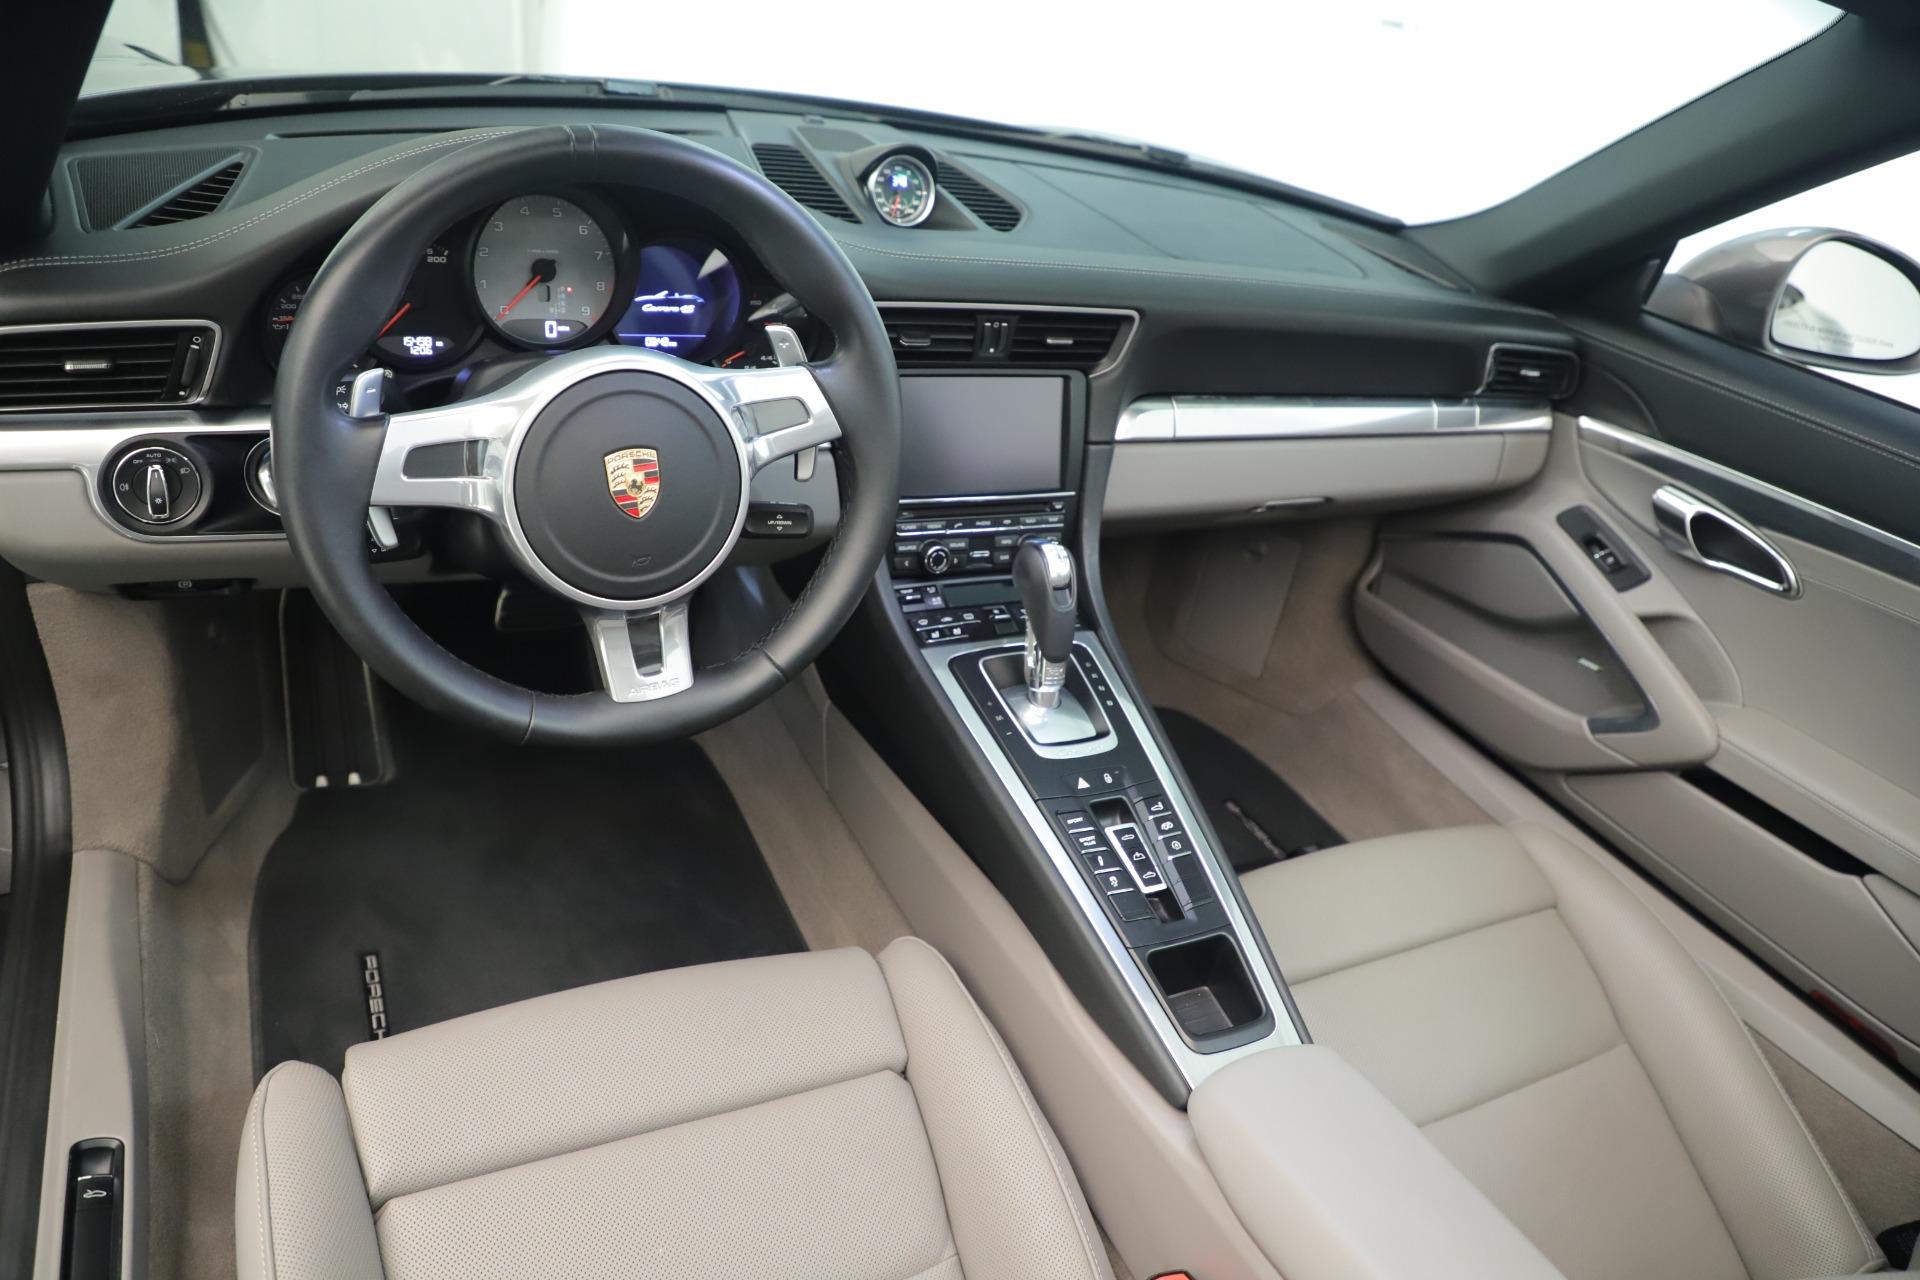 Used 2015 Porsche 911 Carrera 4S For Sale In Greenwich, CT 3383_p19